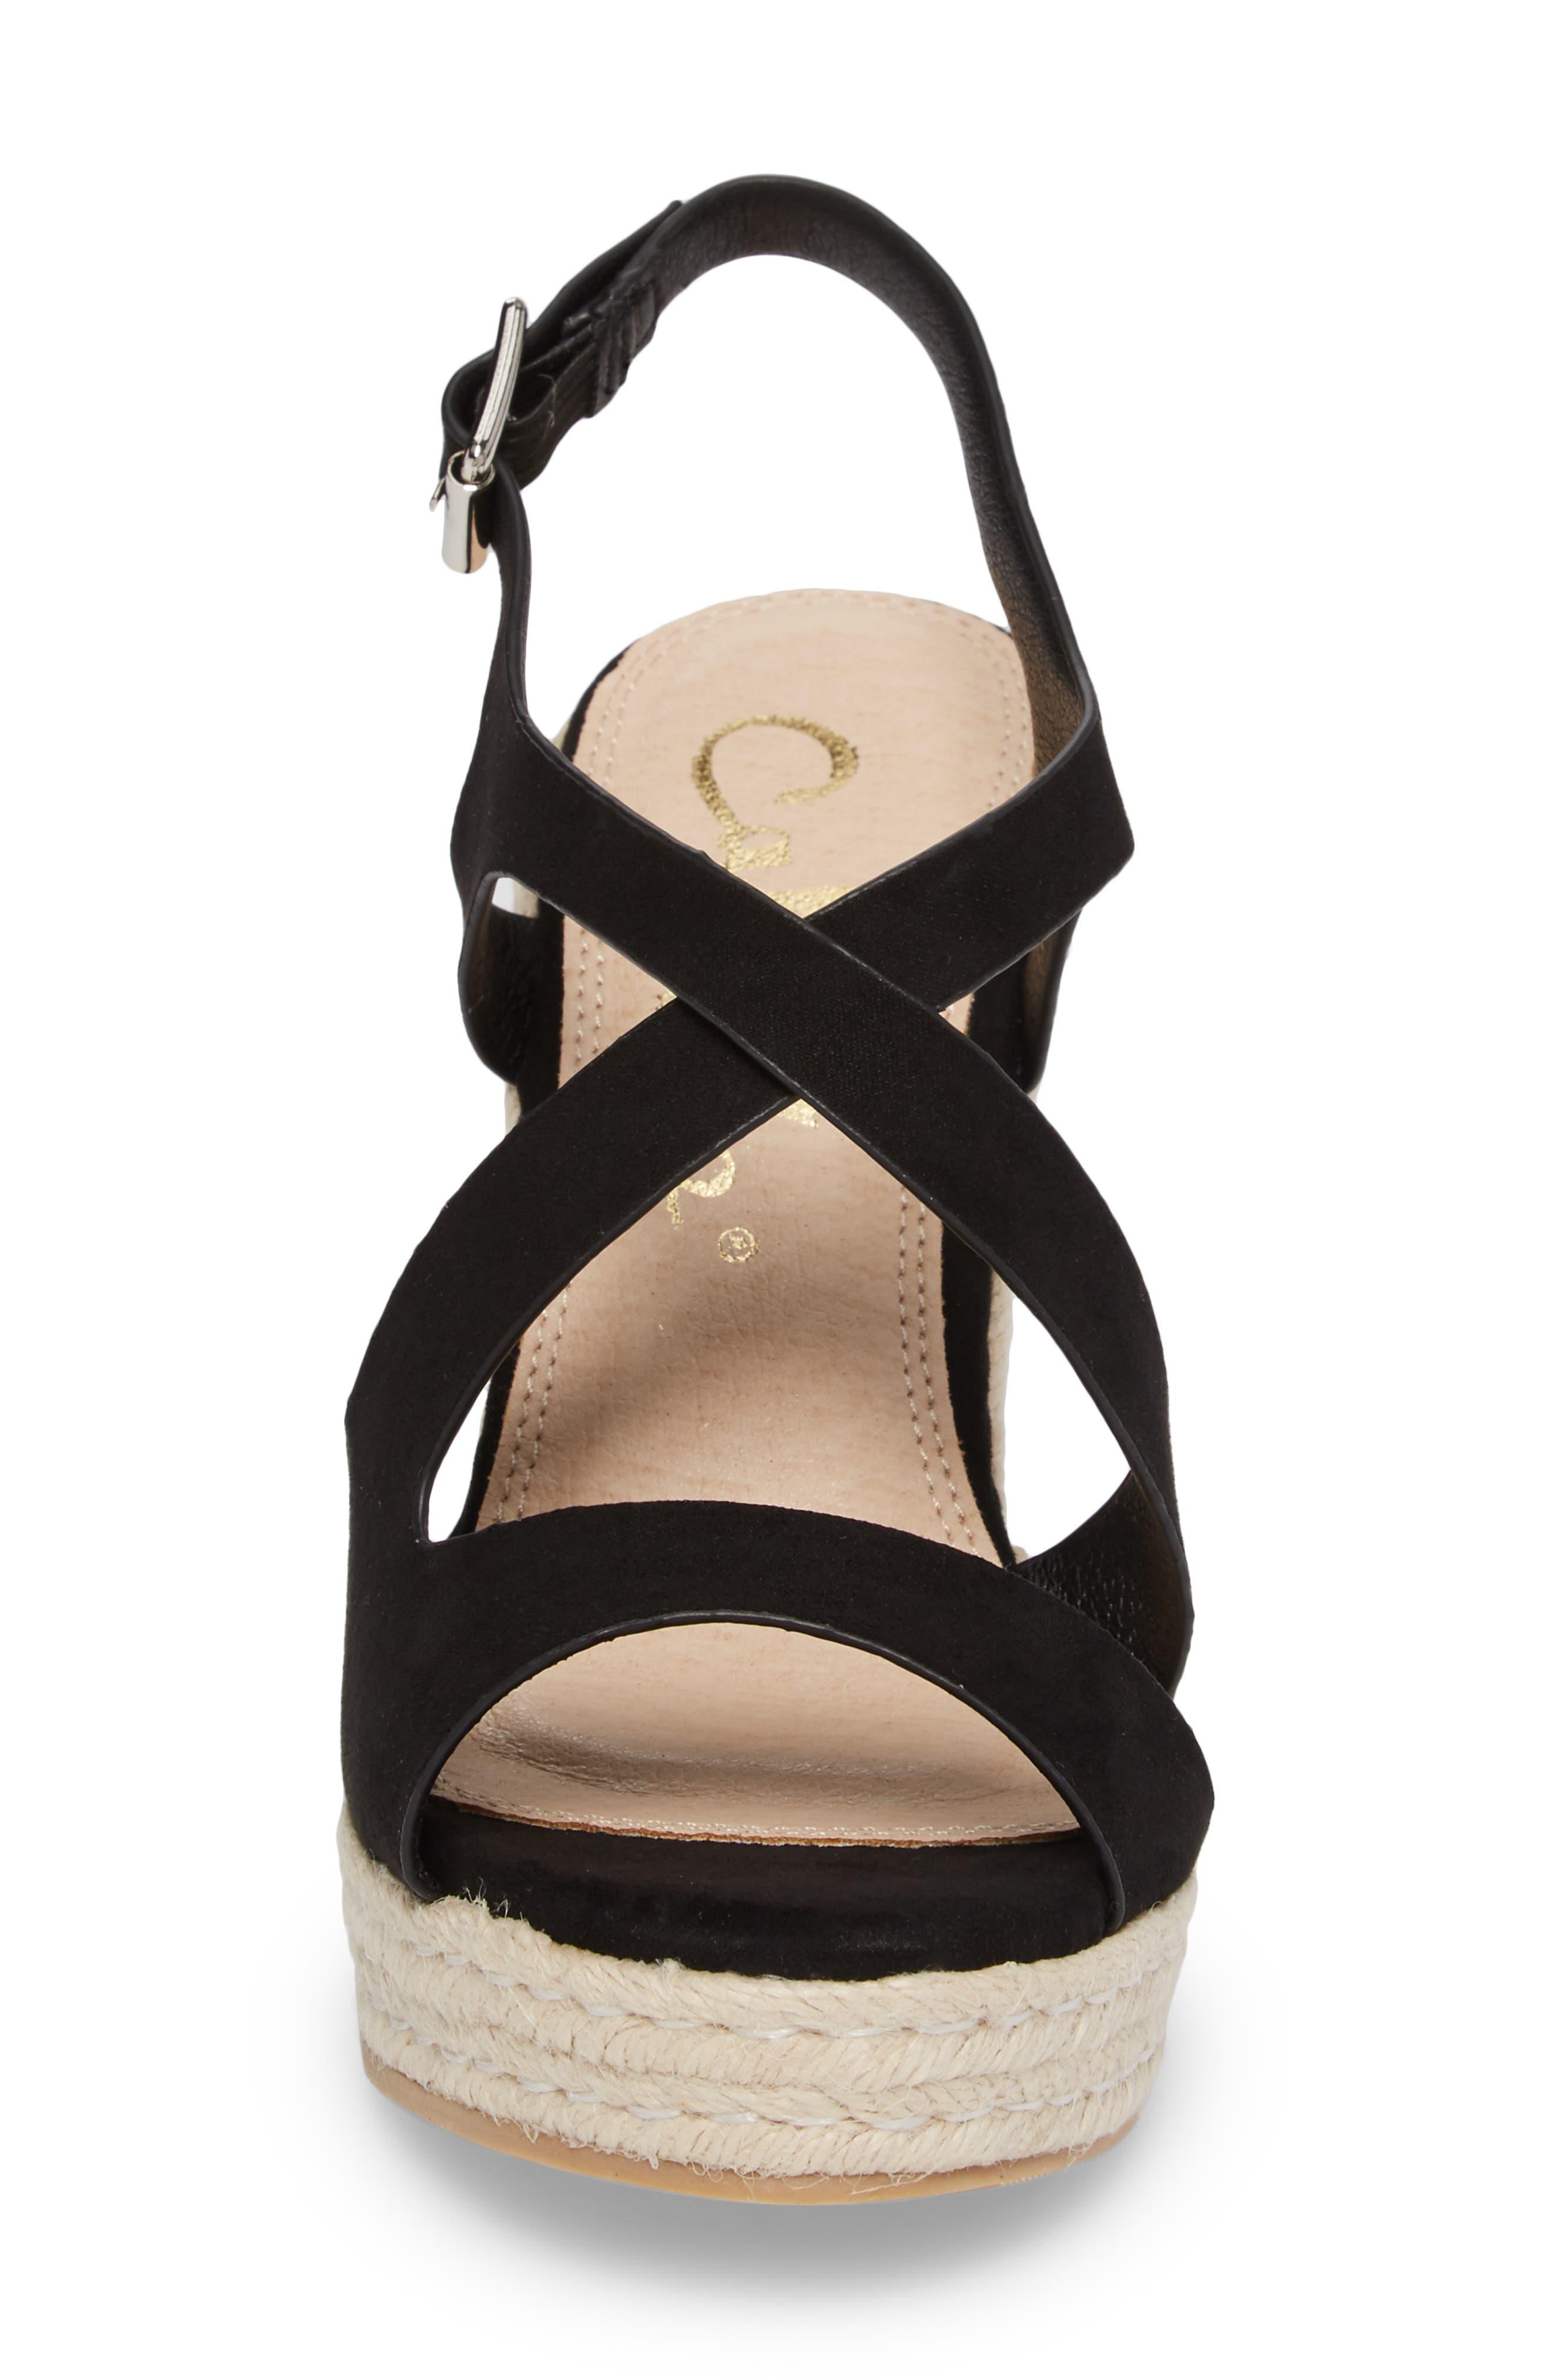 Brielle Wedge Sandal,                             Alternate thumbnail 4, color,                             Black Suede